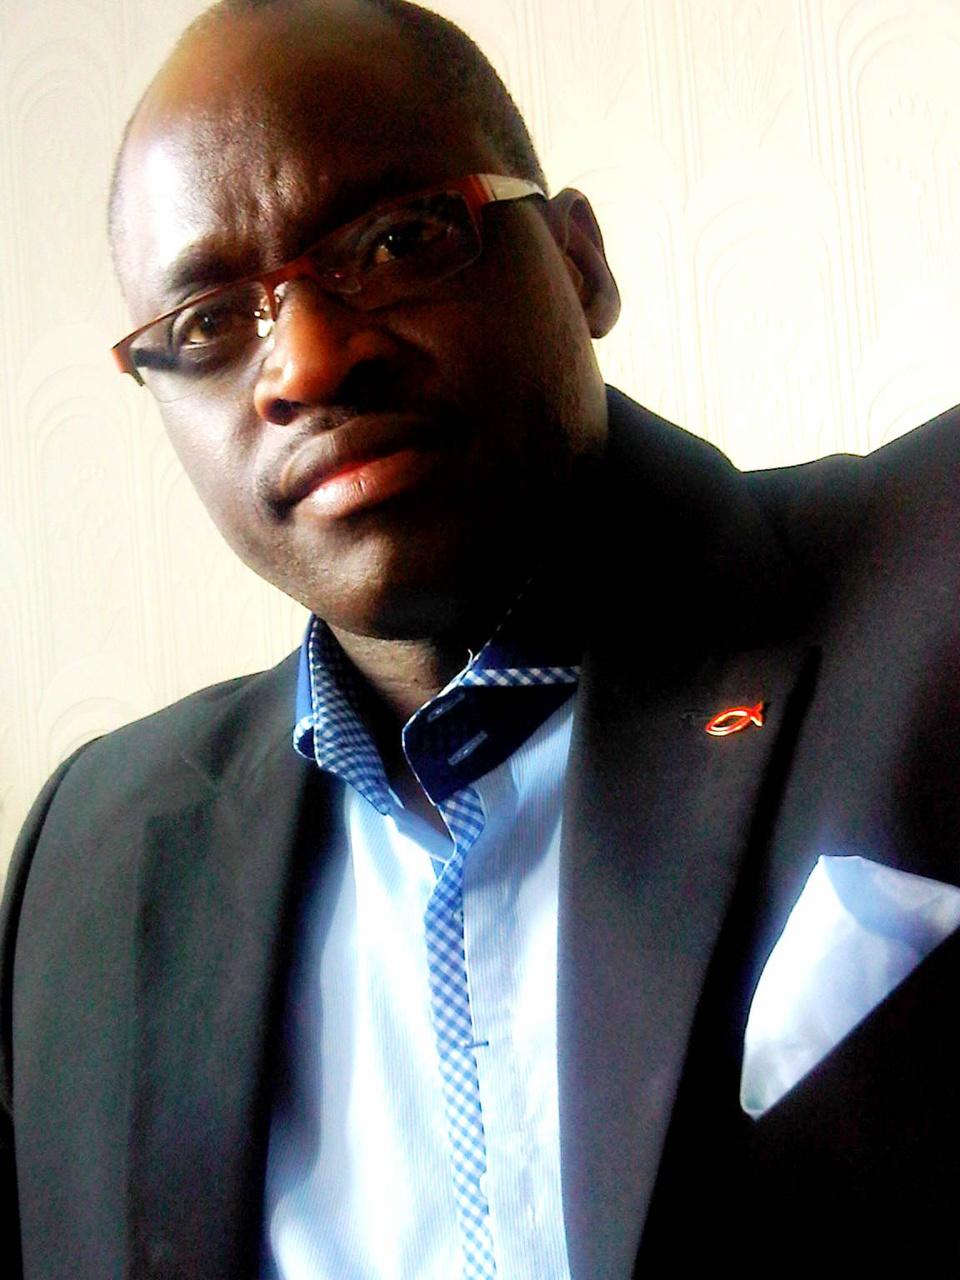 Centrafrique : Des choix Cornéliens à faire